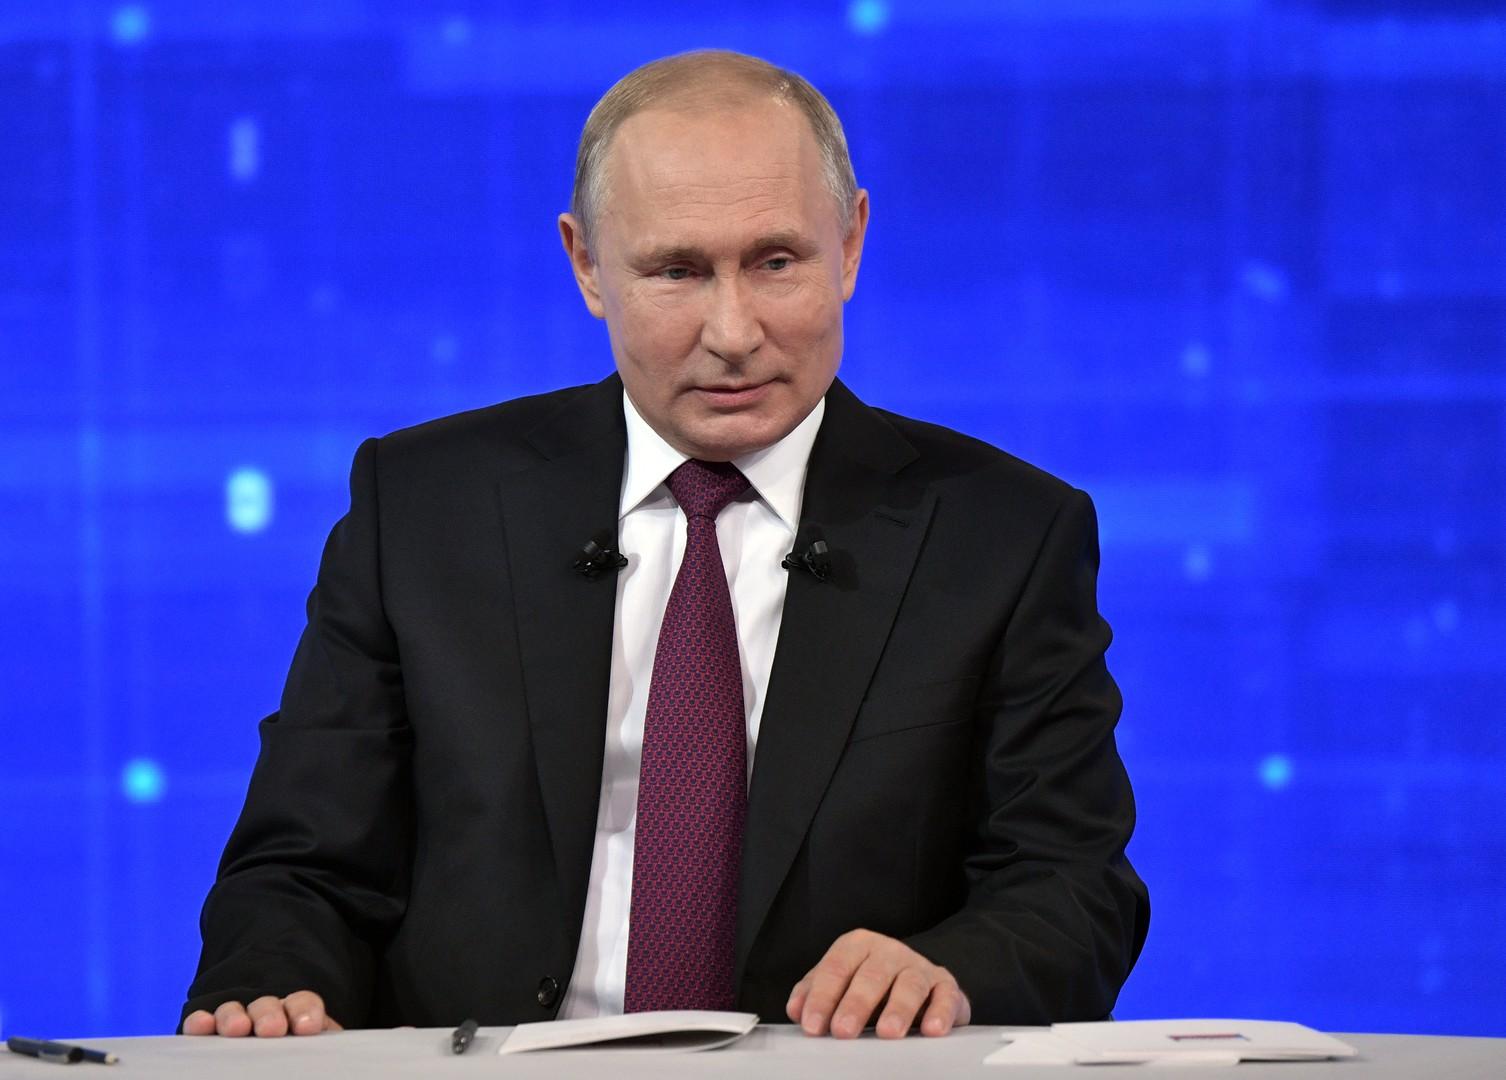 بوتين: مكافحة الفقر وزيادة دخل المواطن أولوية عمل الحكومة